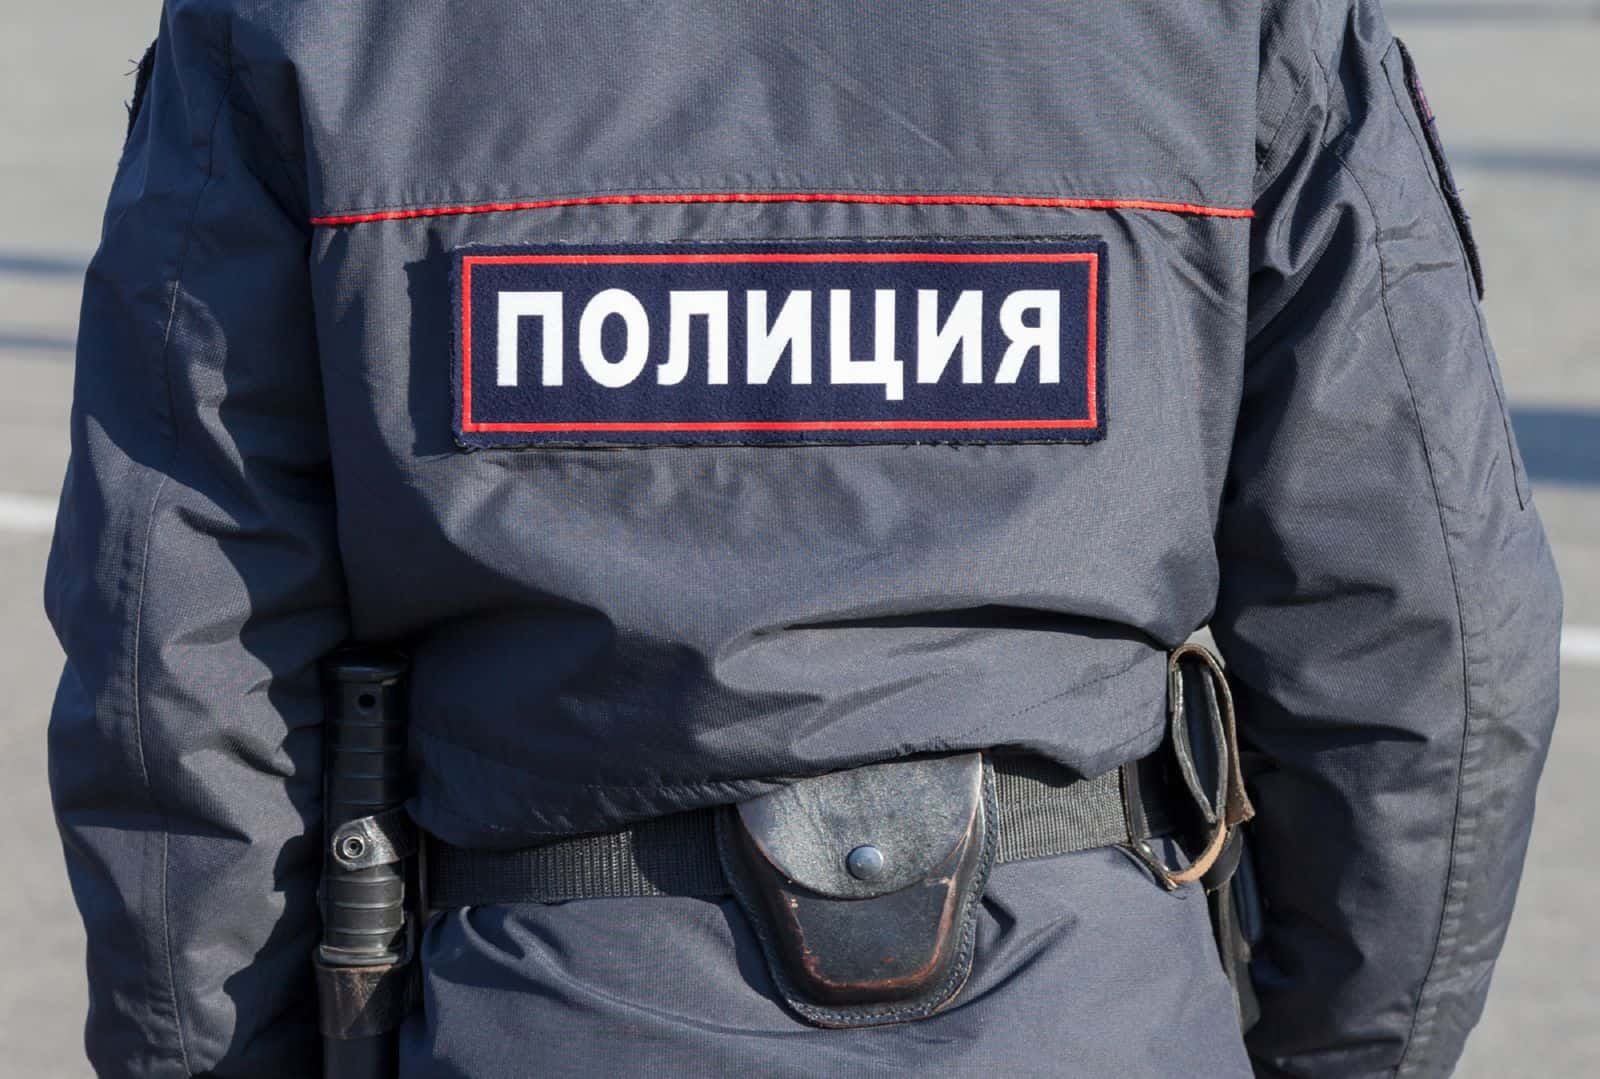 Отпуск сотрудника полиции — особенности оформления